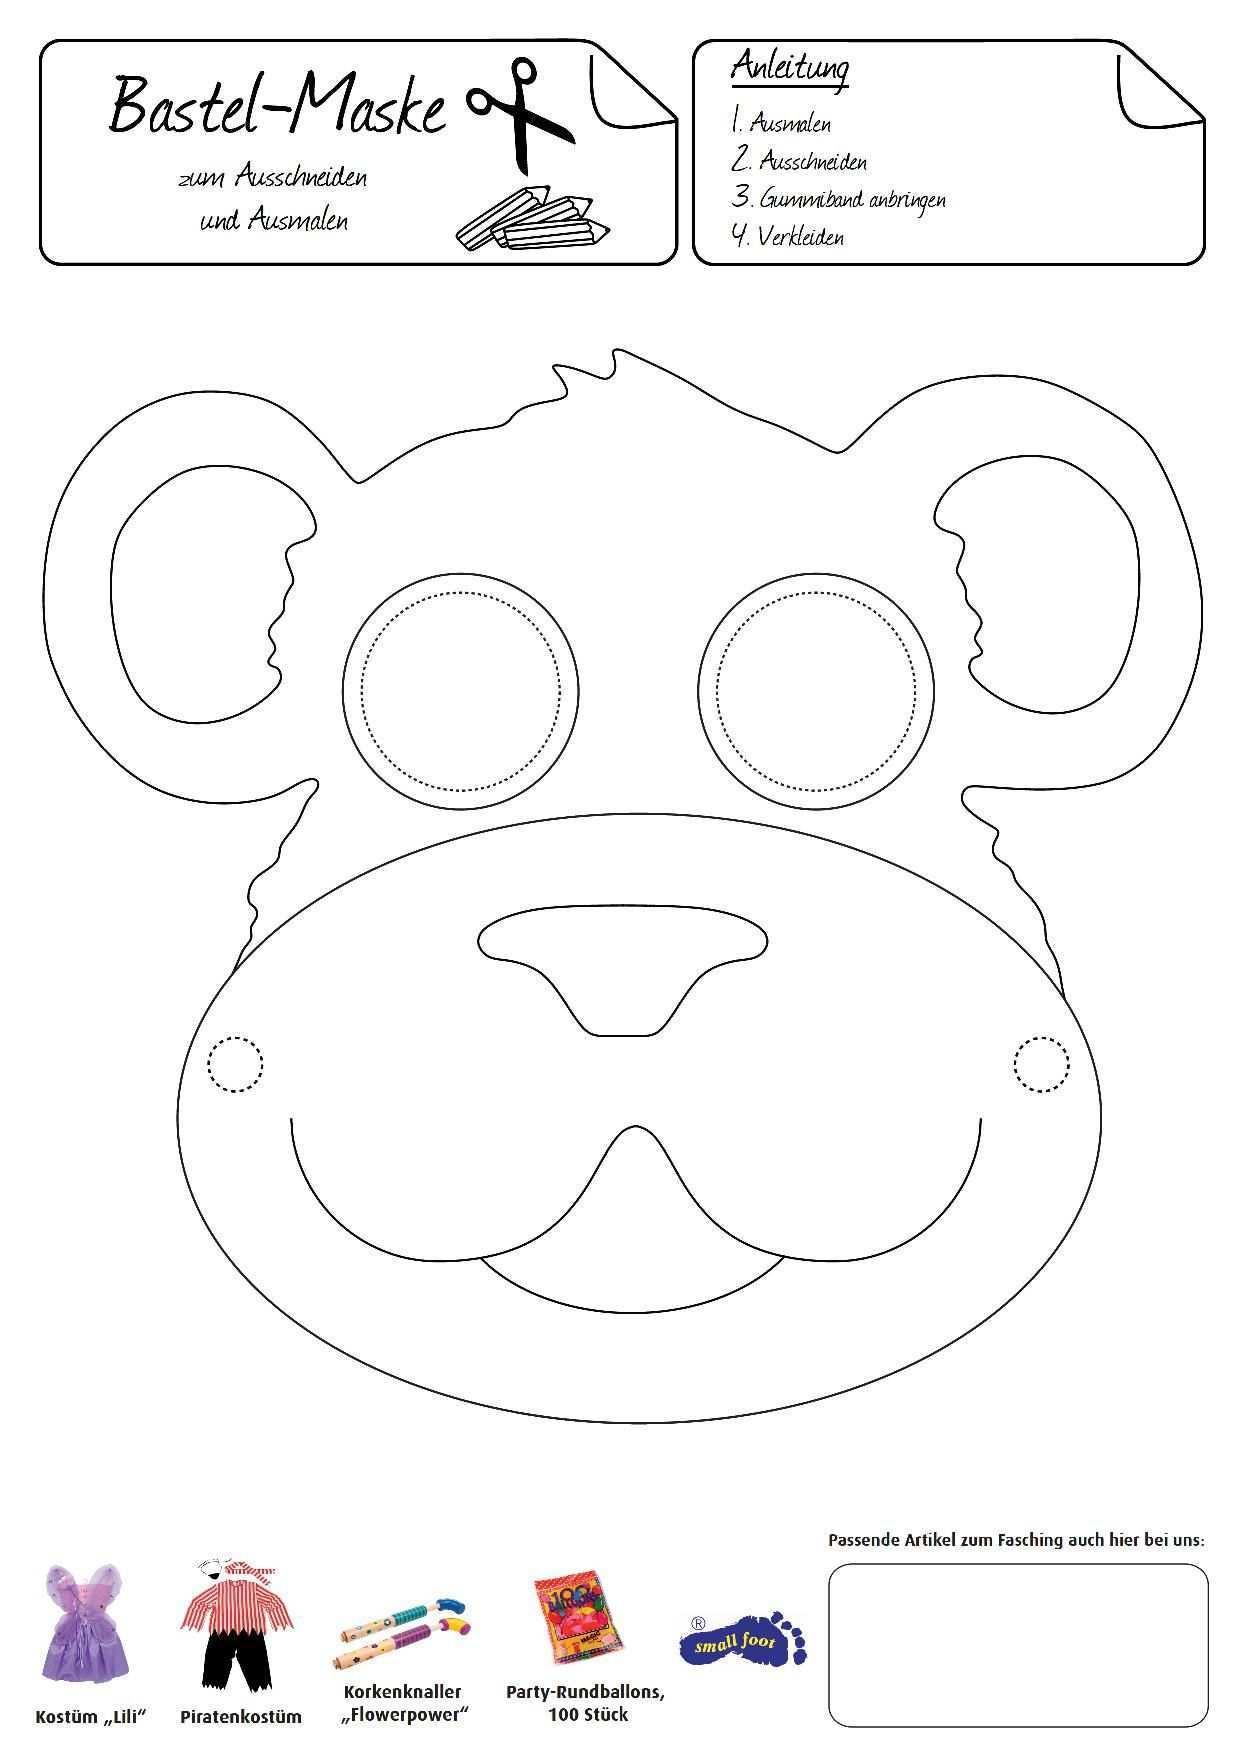 Einmal Sich Selbst Zum Affen Machen Mit Dieser Witziger Affenmaske Ist Spass Garantiert Affe Basteln Masken Kinder Tiermasken Basteln